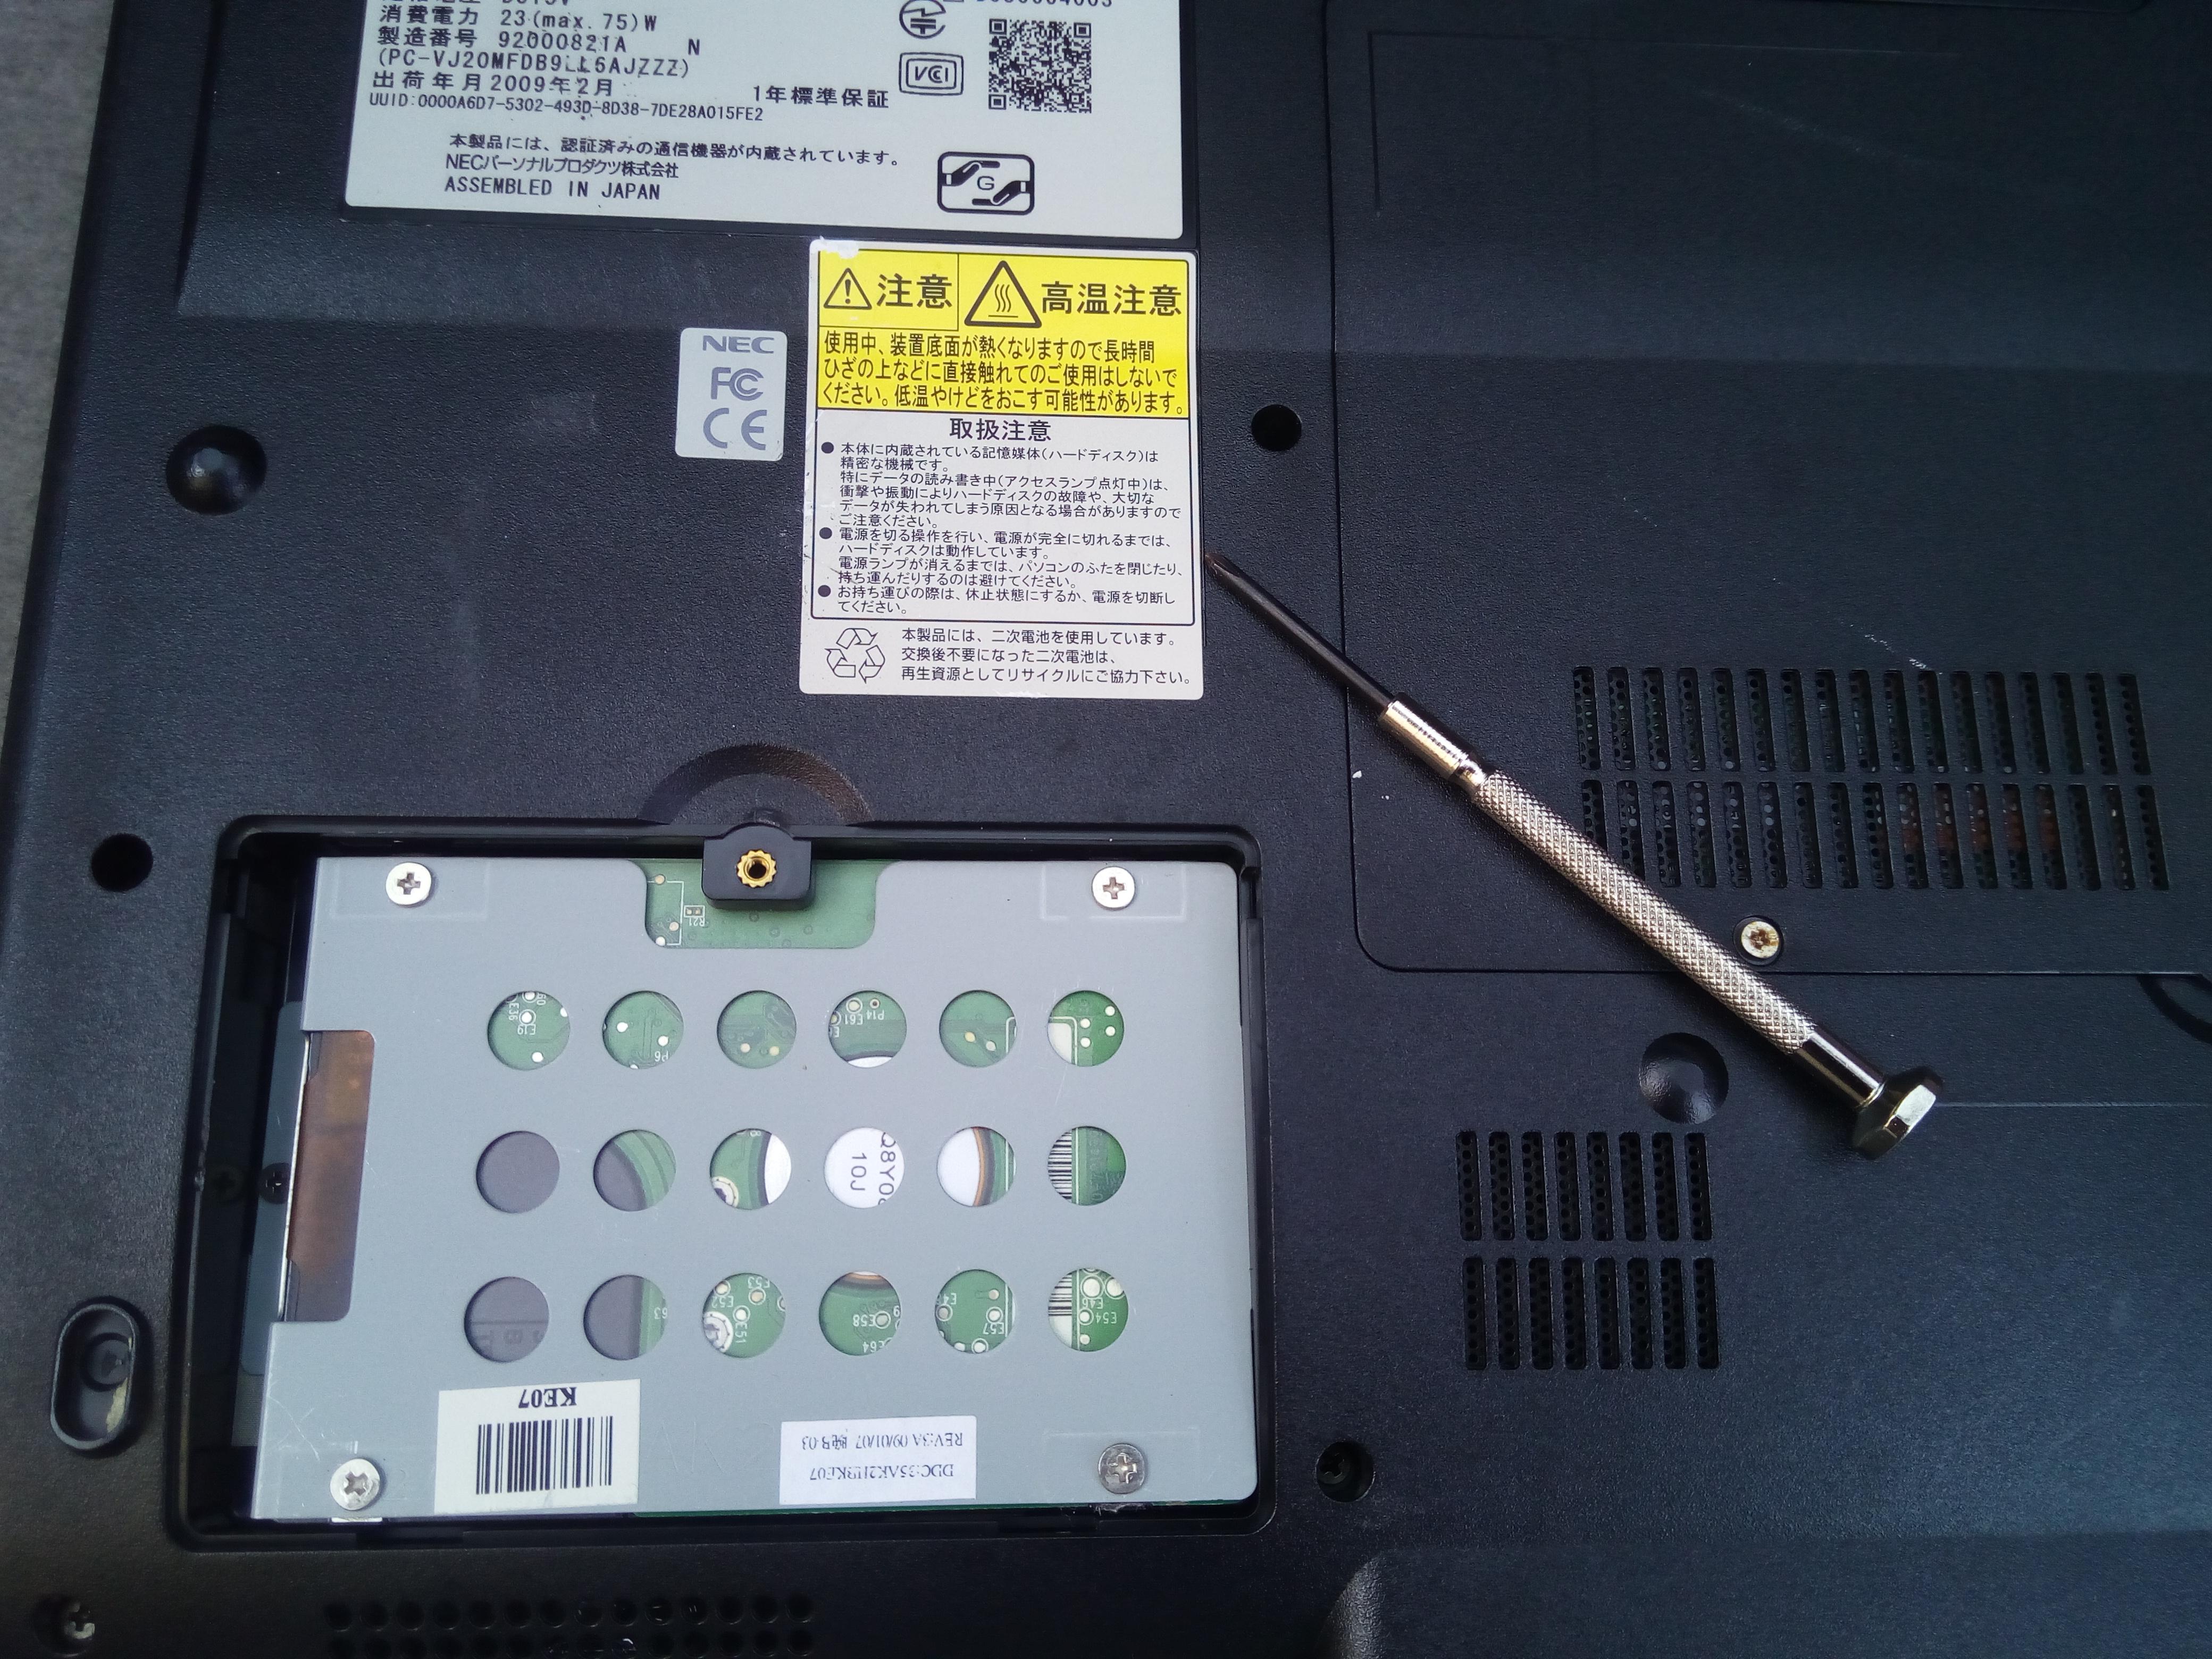 パソコン背面のハードディスク取り出し口を開けたところ